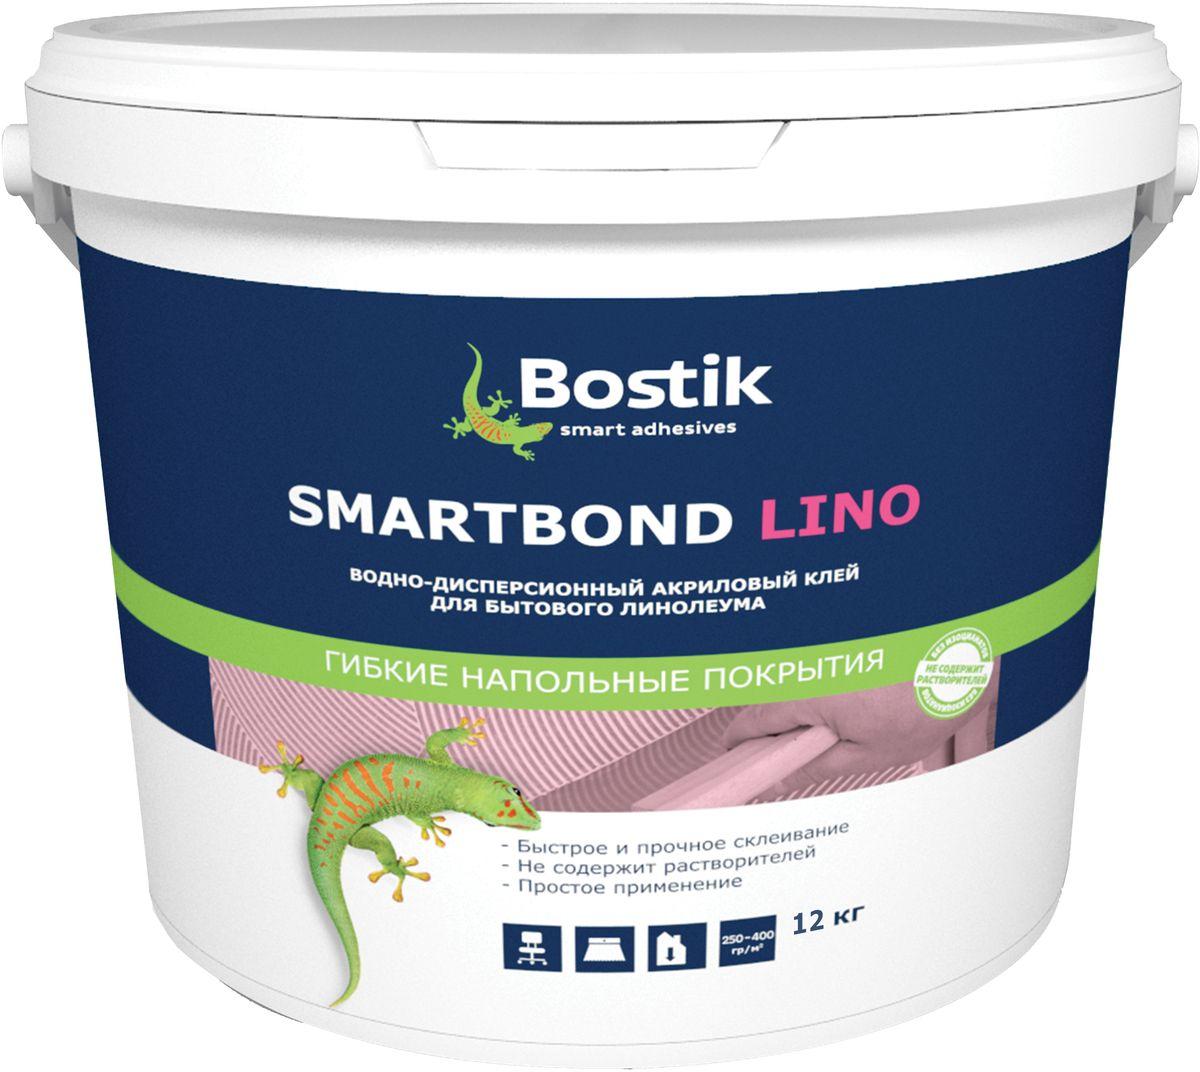 Клей для бытового линолеума Bostik  Smartbond Lino , 12 кг - Бытовая химия